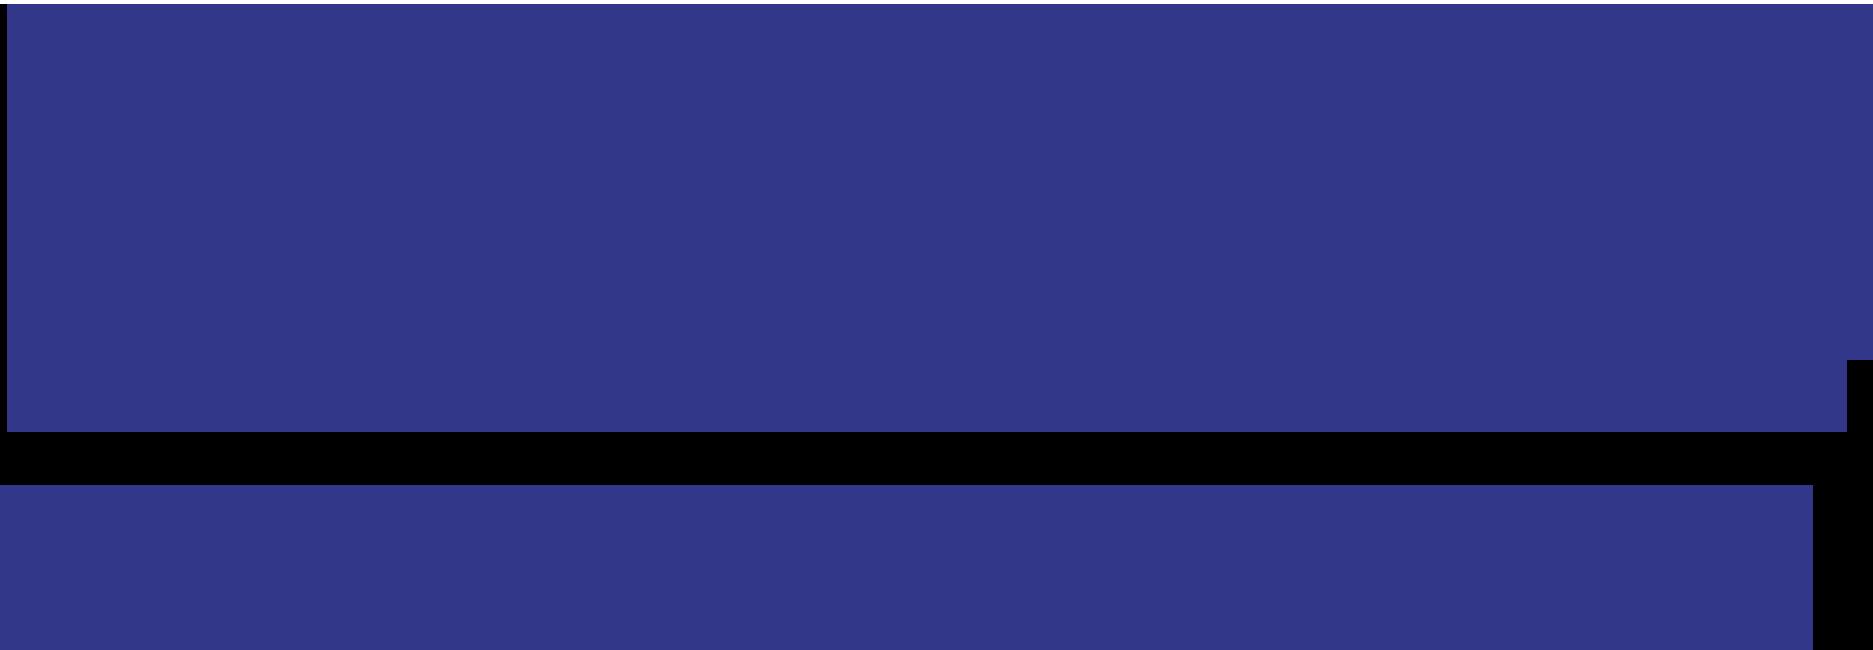 Rischart_logo_Neu.png